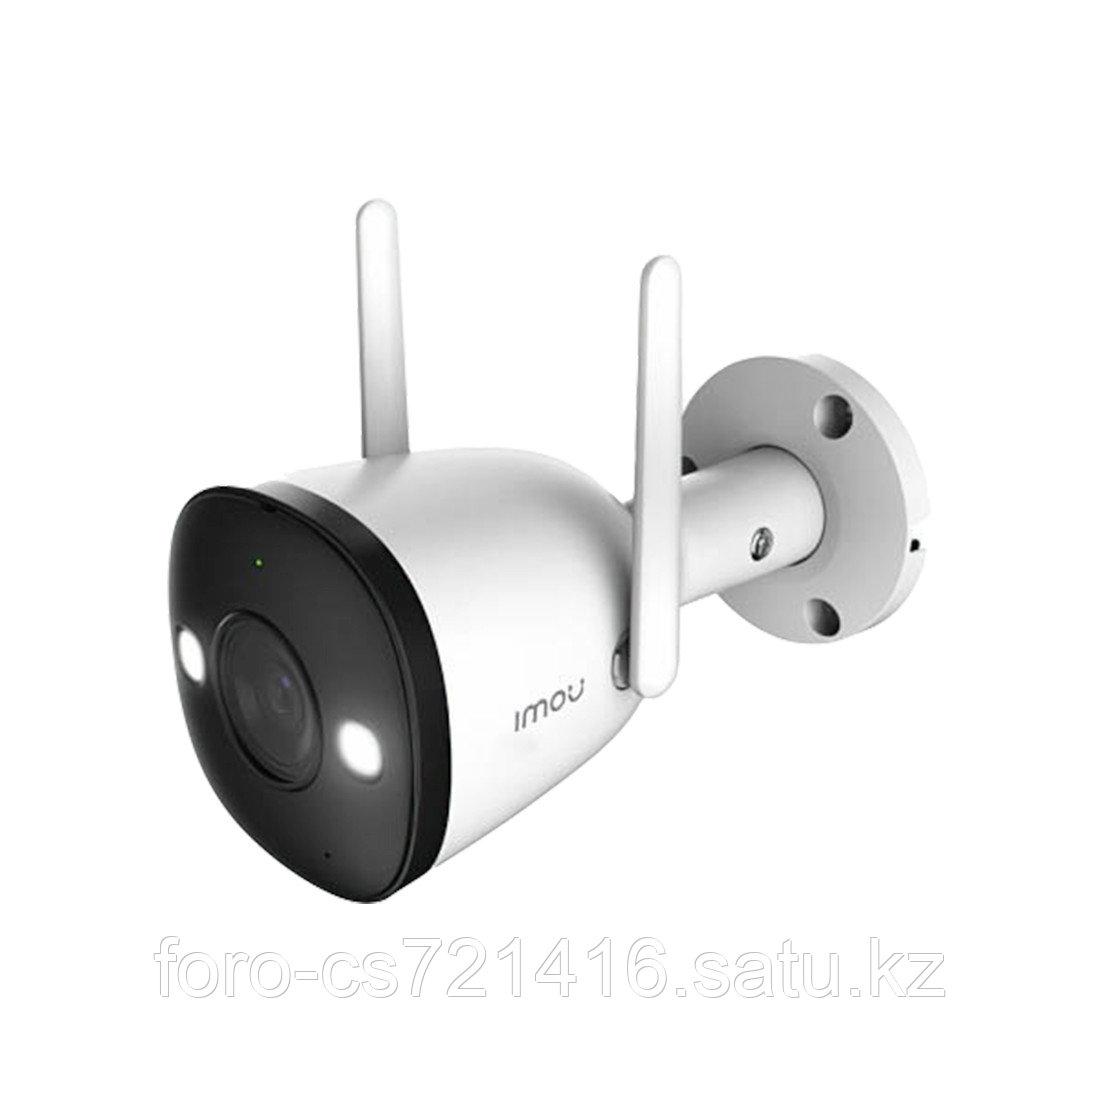 Wi-Fi видеокамера Imou Bullet 2E-0280B